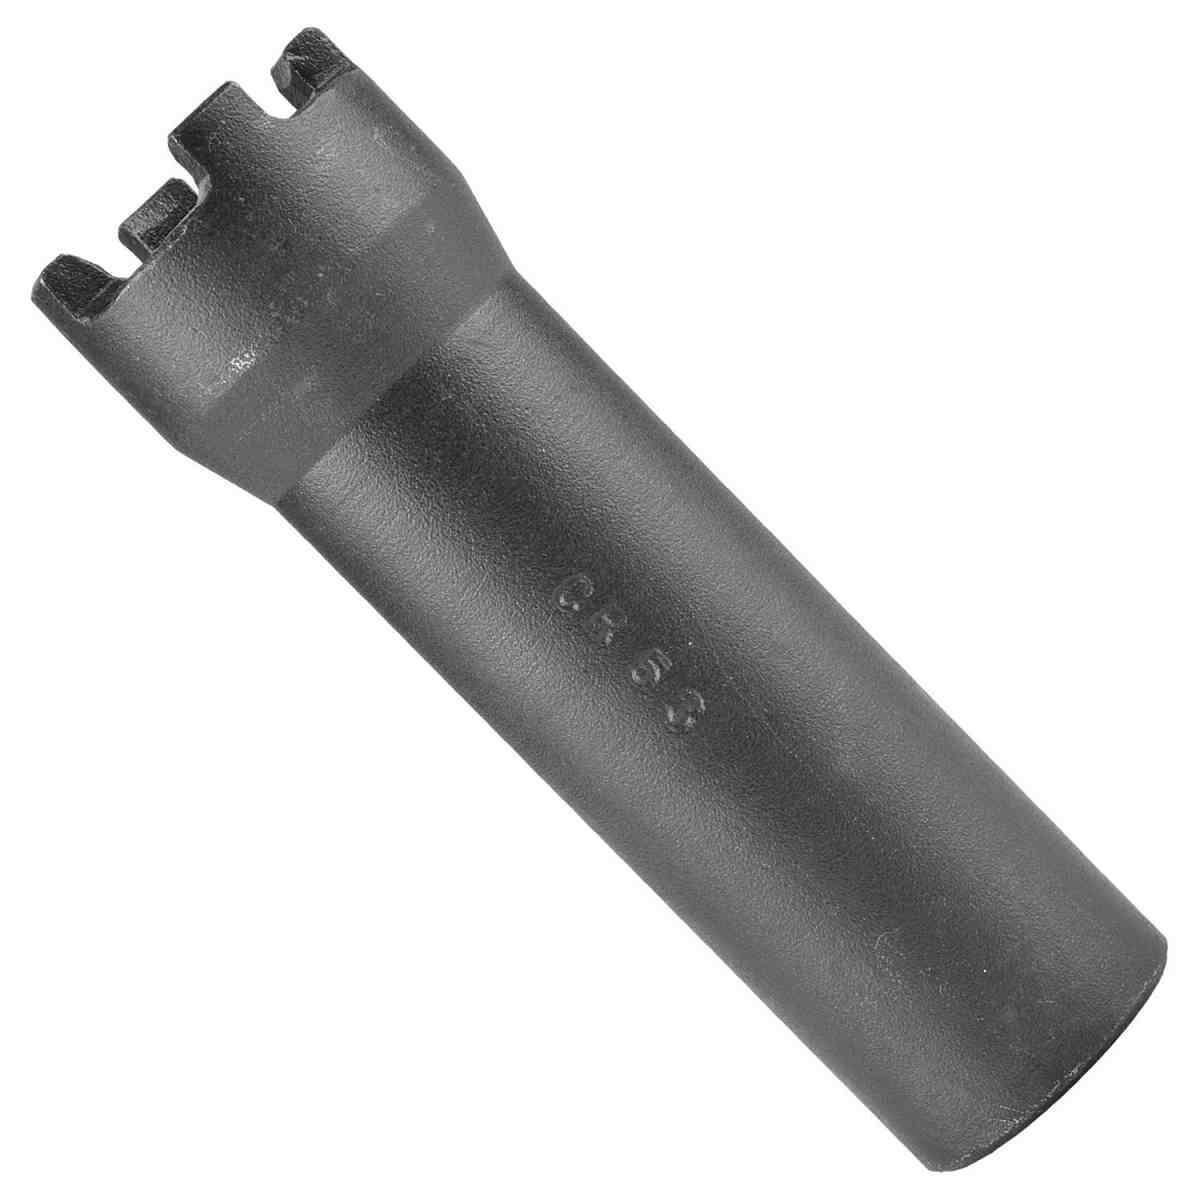 Chave de Garras Para Porca 100 mm CR 53 Cr Ferramentas